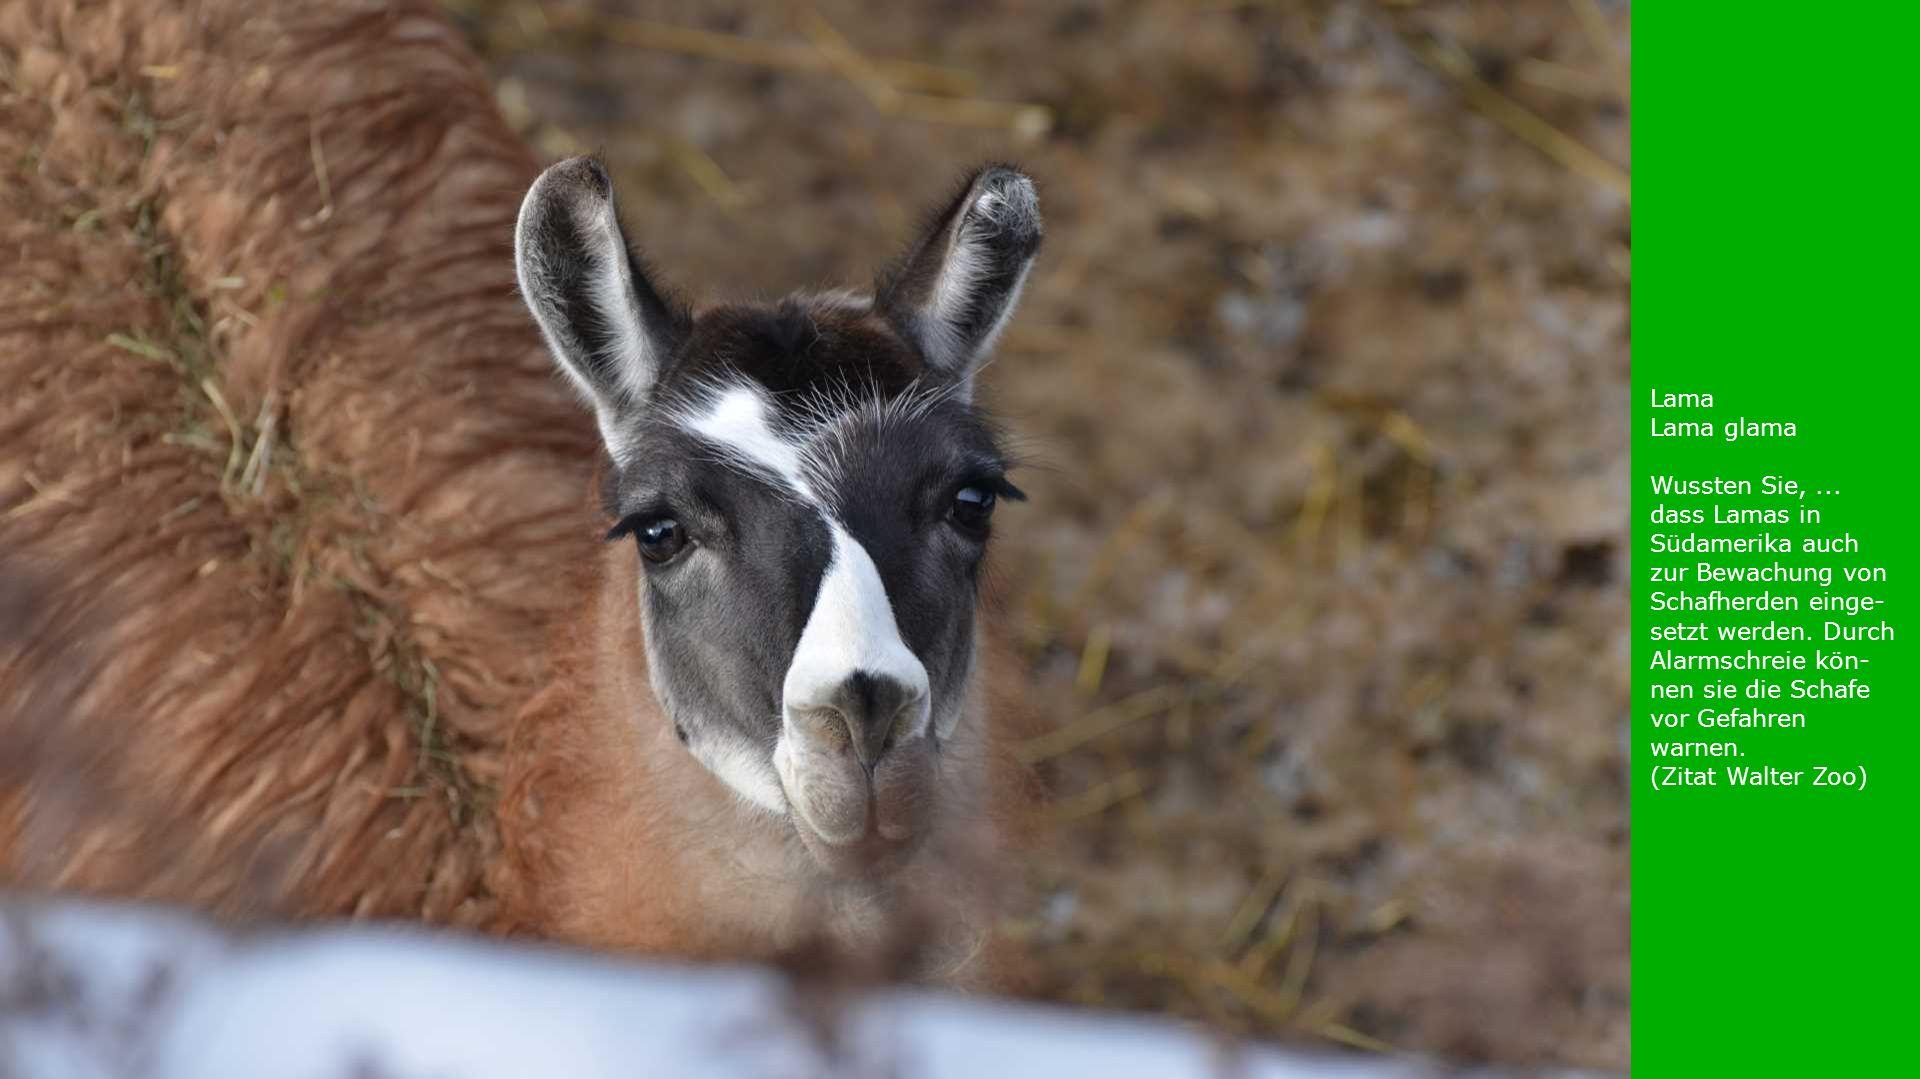 Lama Lama glama Wussten Sie,... dass Lamas in Südamerika auch zur Bewachung von Schafherden einge- setzt werden. Durch Alarmschreie kön- nen sie die S